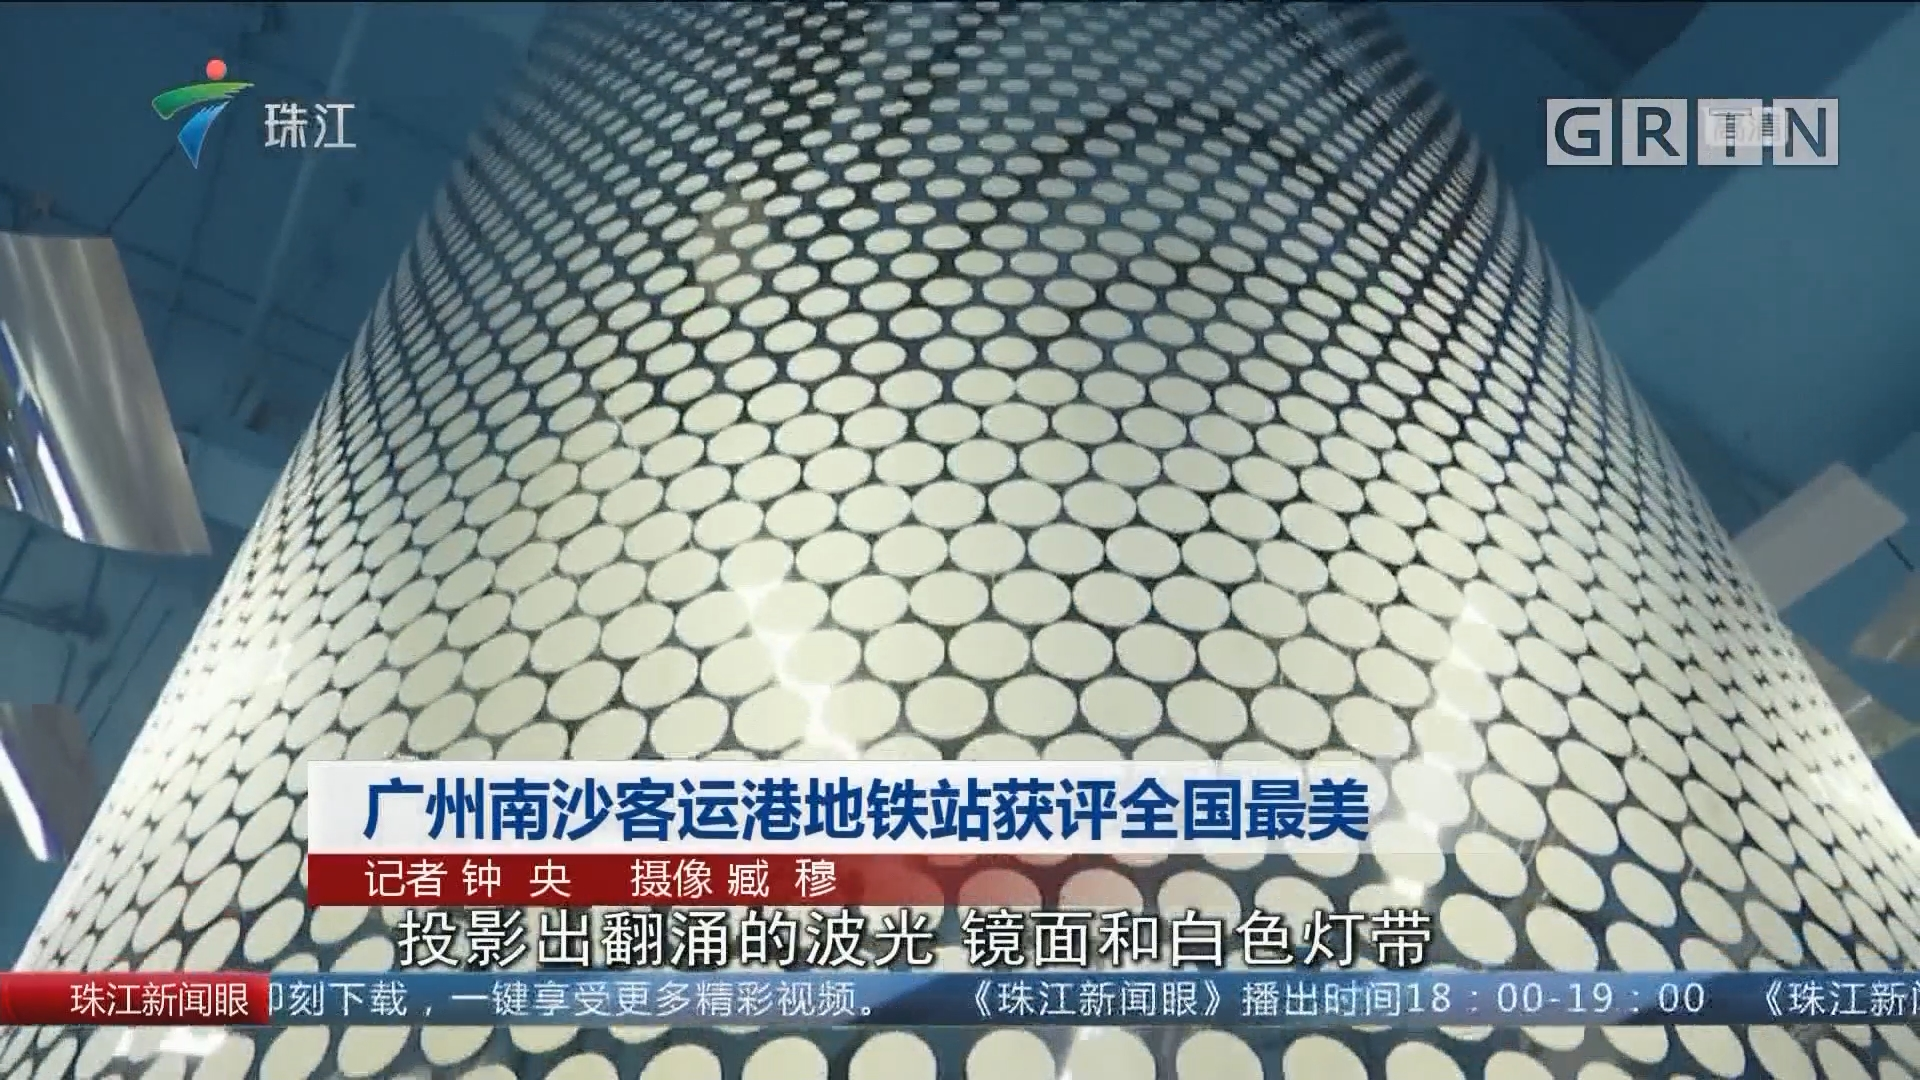 廣州南沙客運港地鐵站獲評全國最美